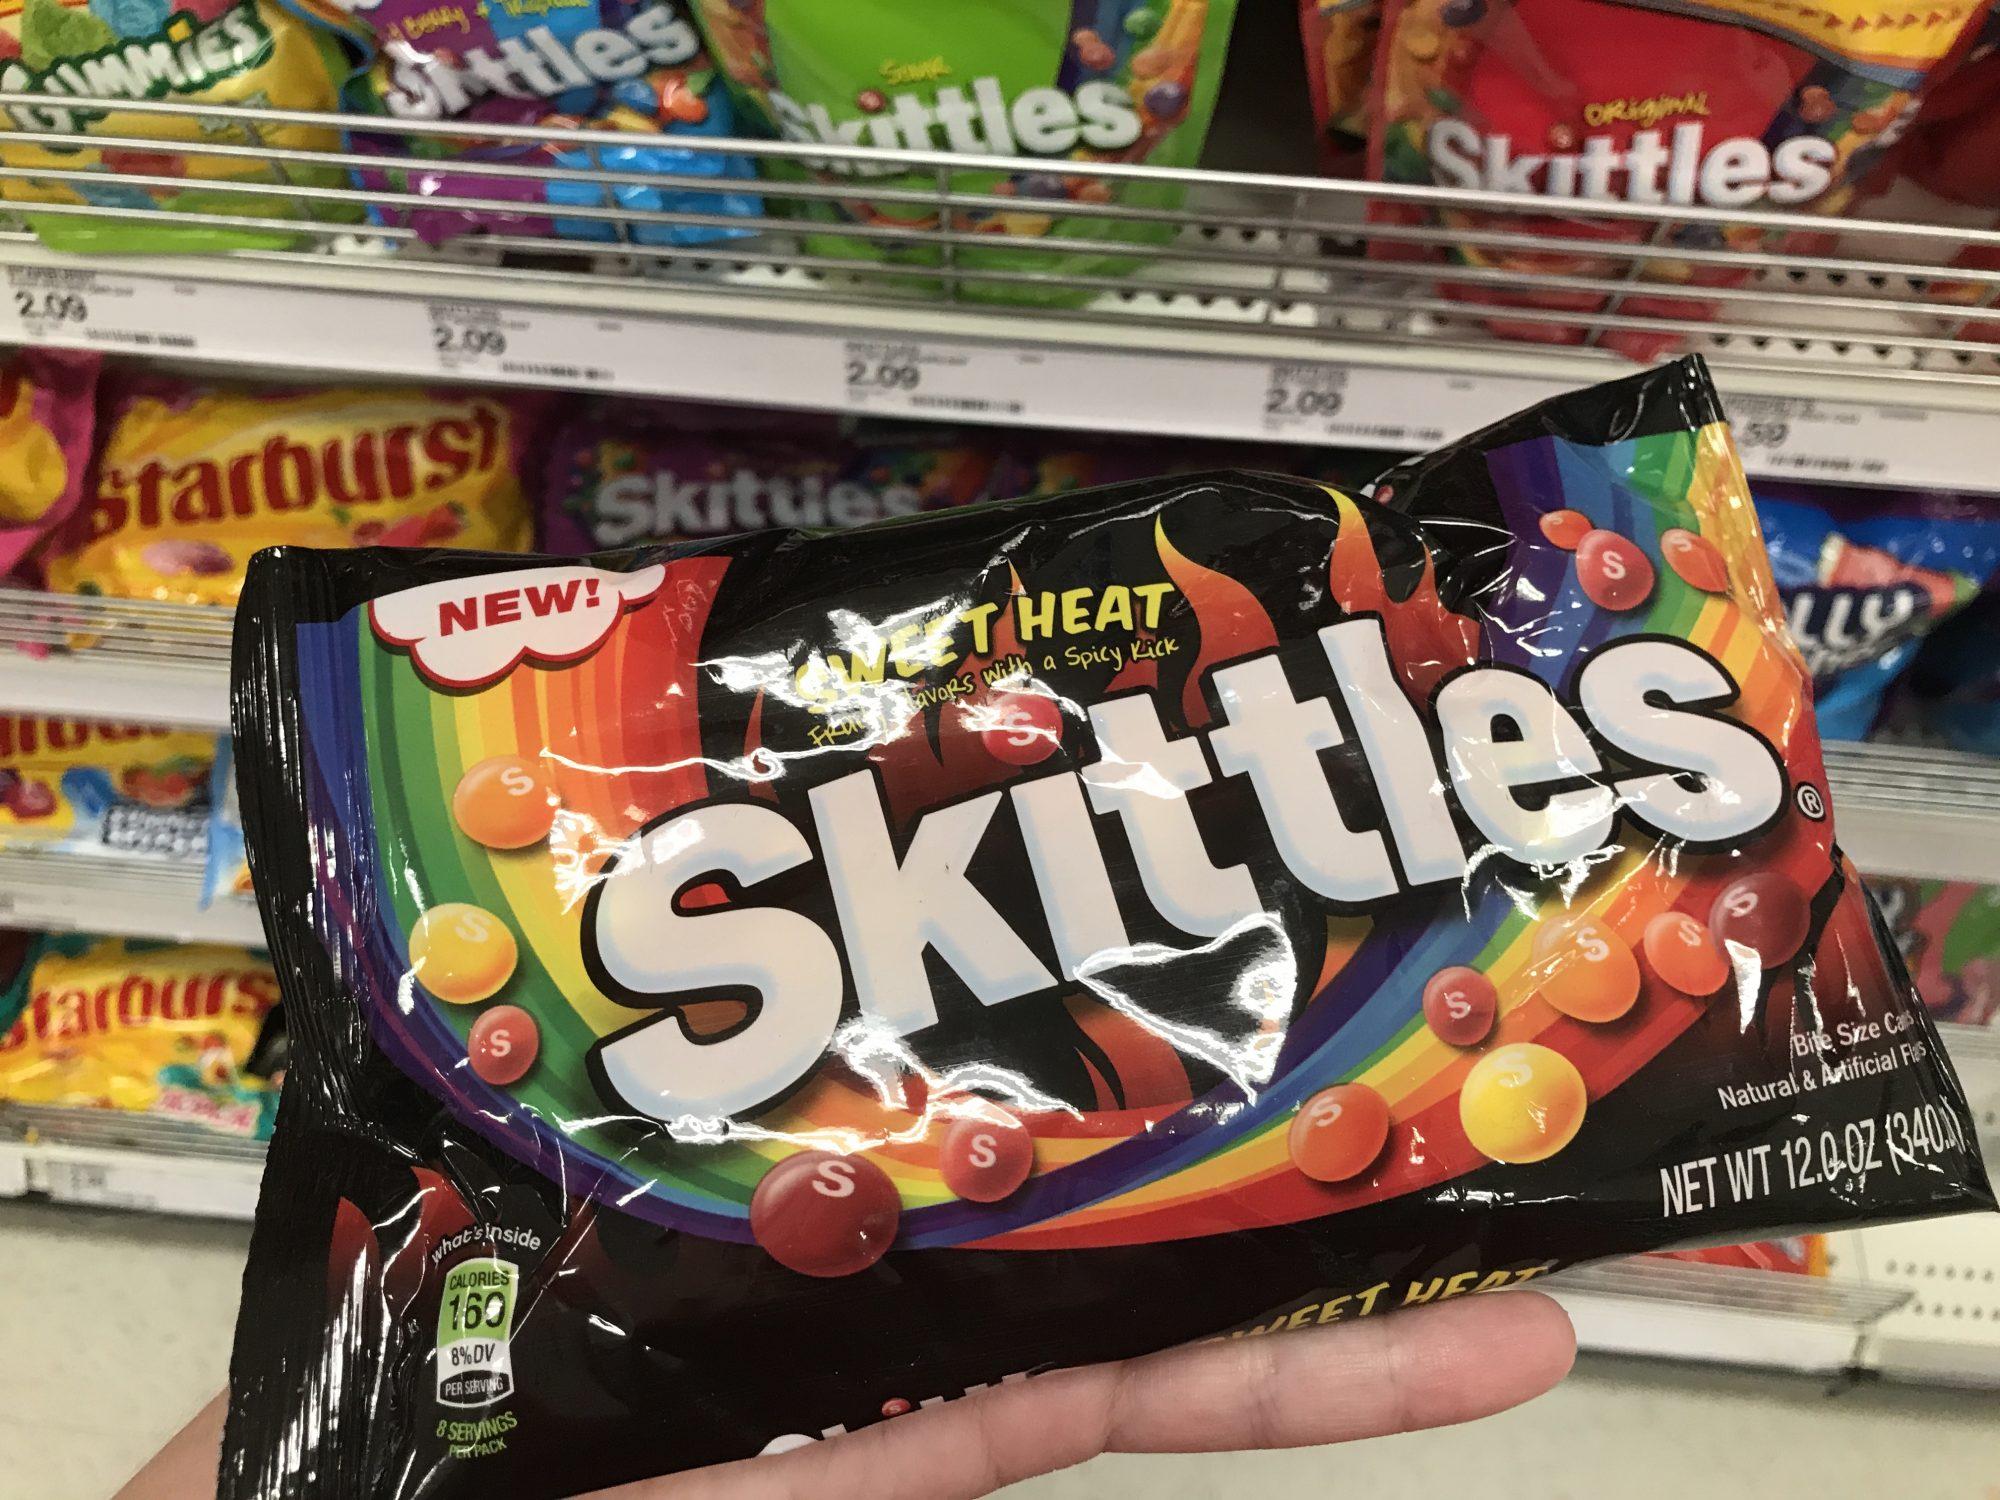 Sweet Heat Skittles image